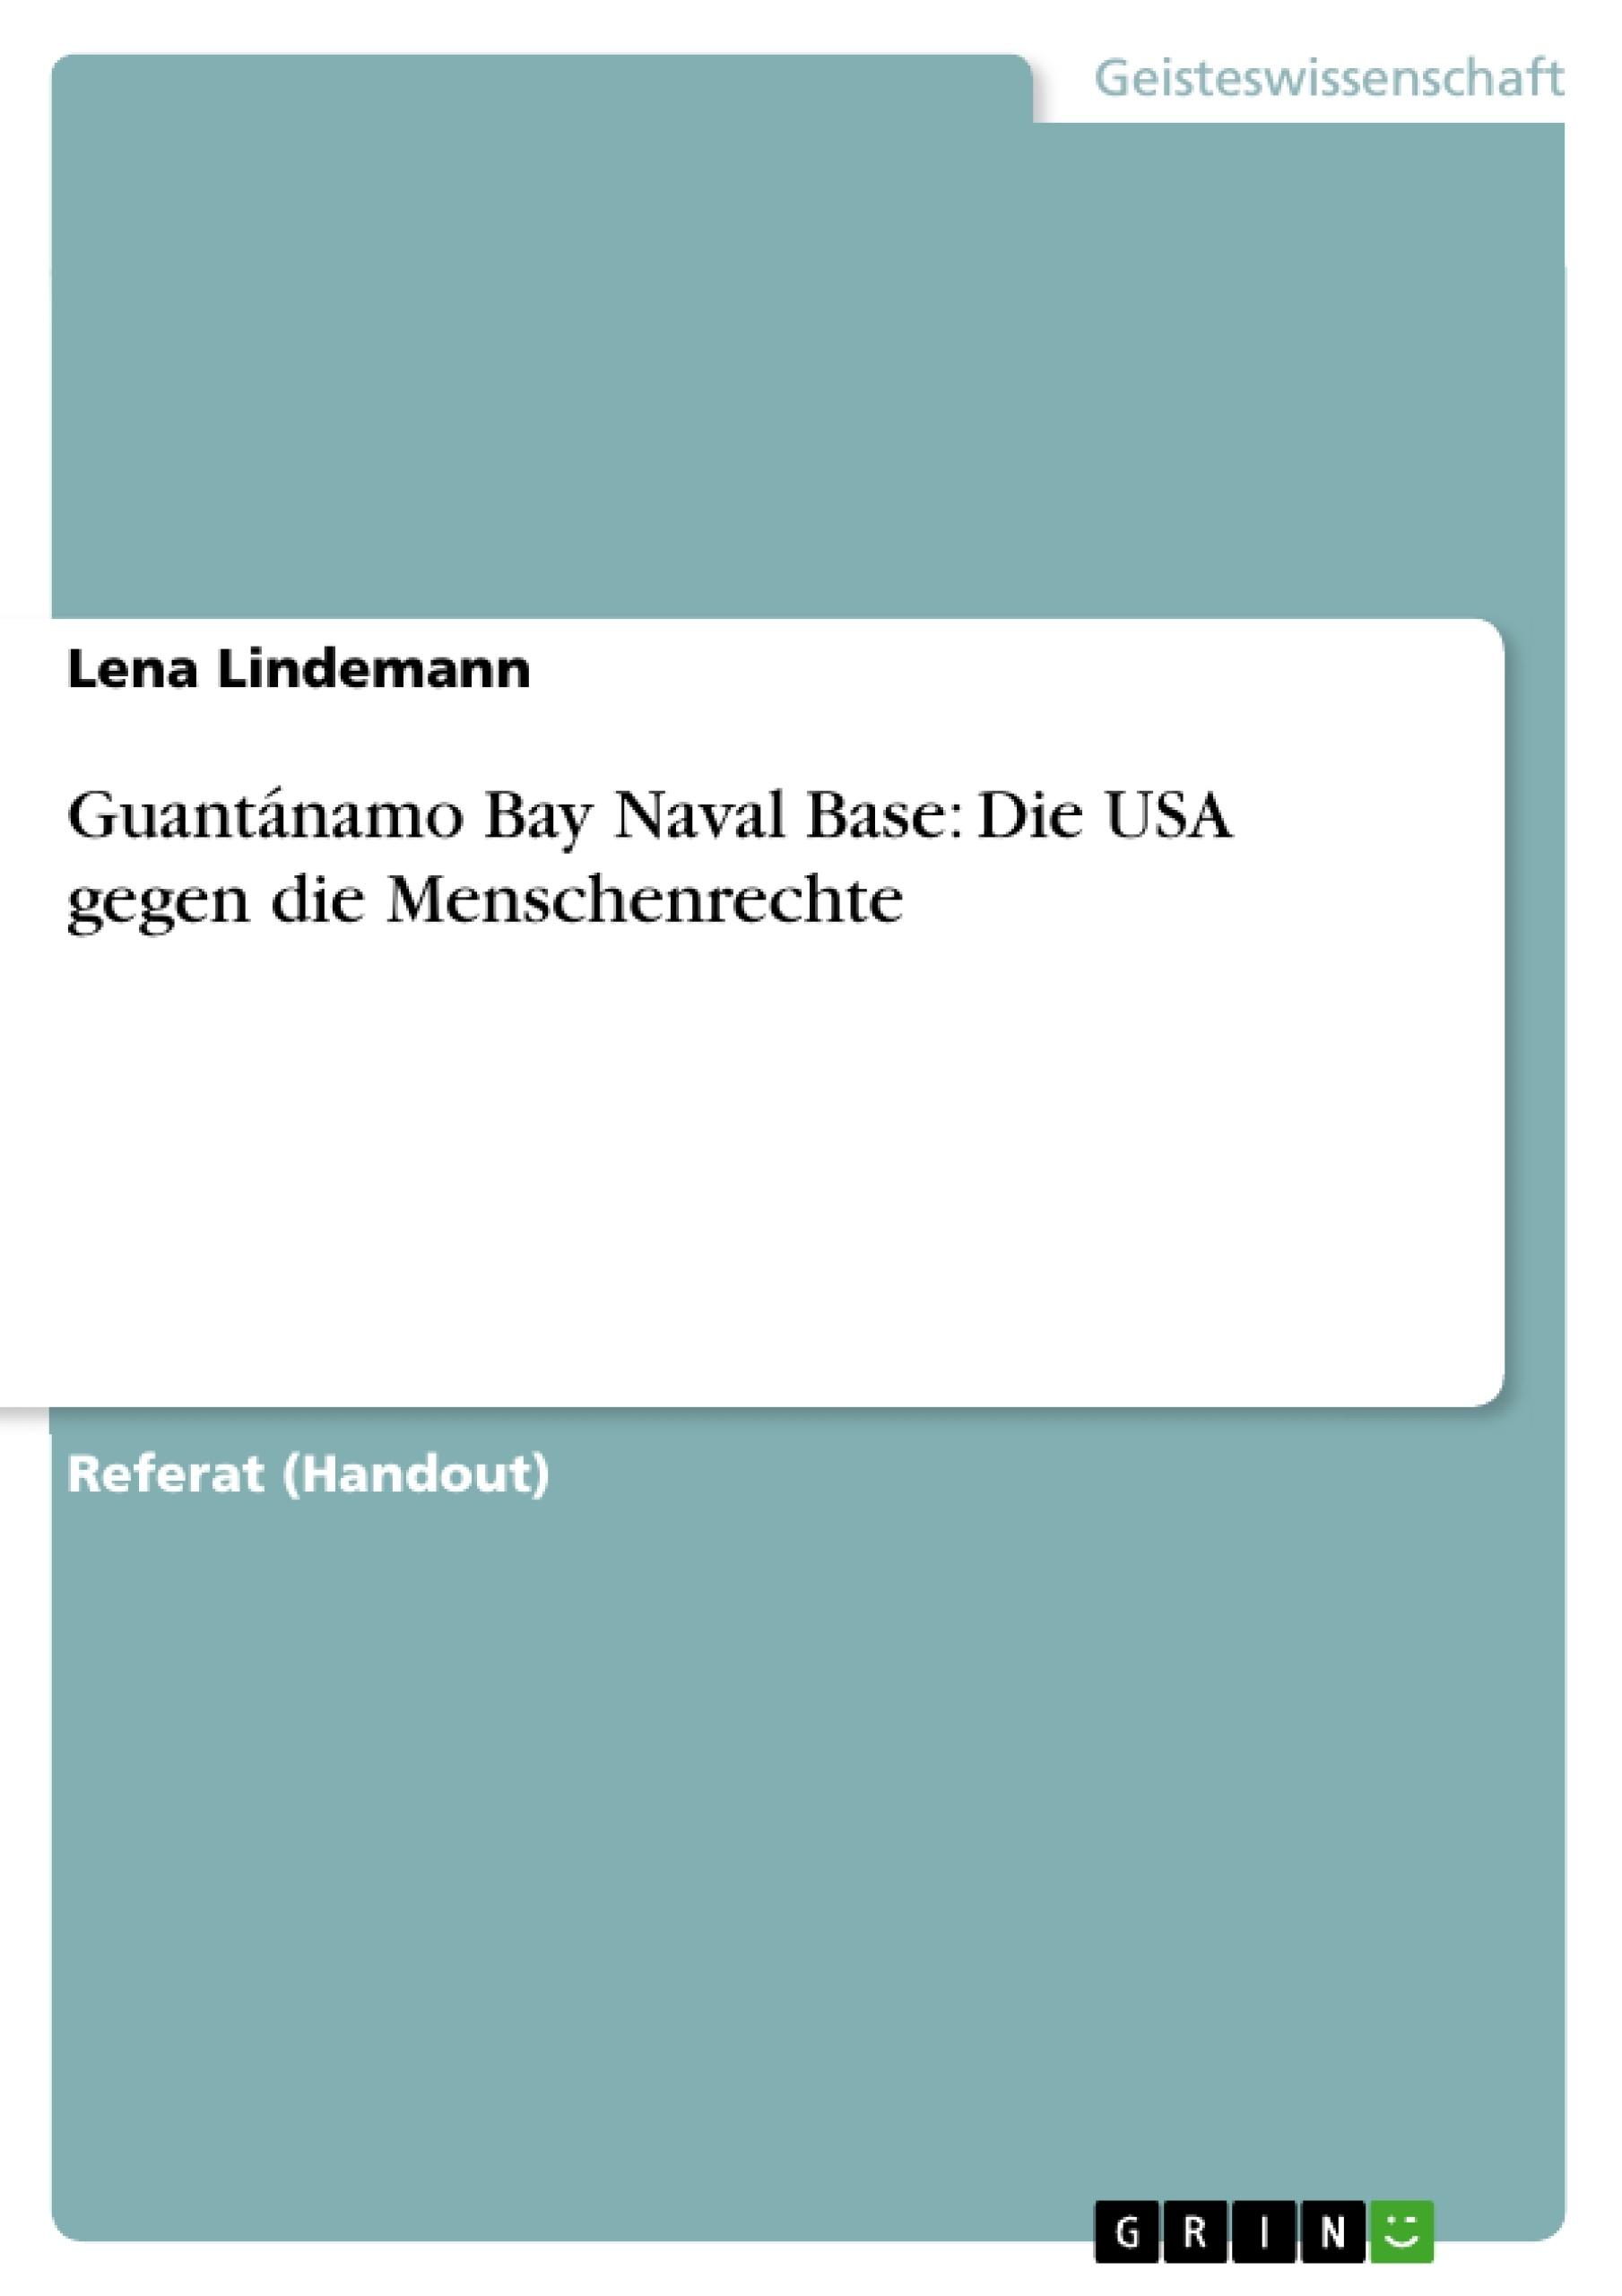 Titel: Guantánamo Bay Naval Base: Die USA gegen die Menschenrechte